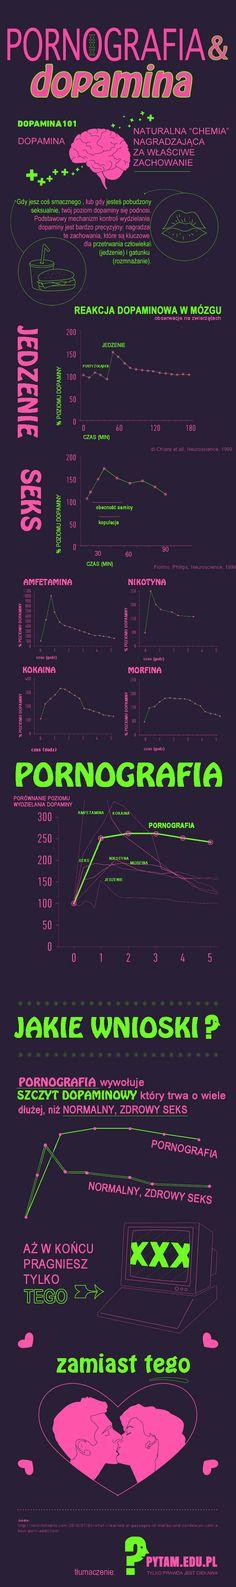 W jaki sposób pornografia uzależnia i do czego to prowadzi? infografika.